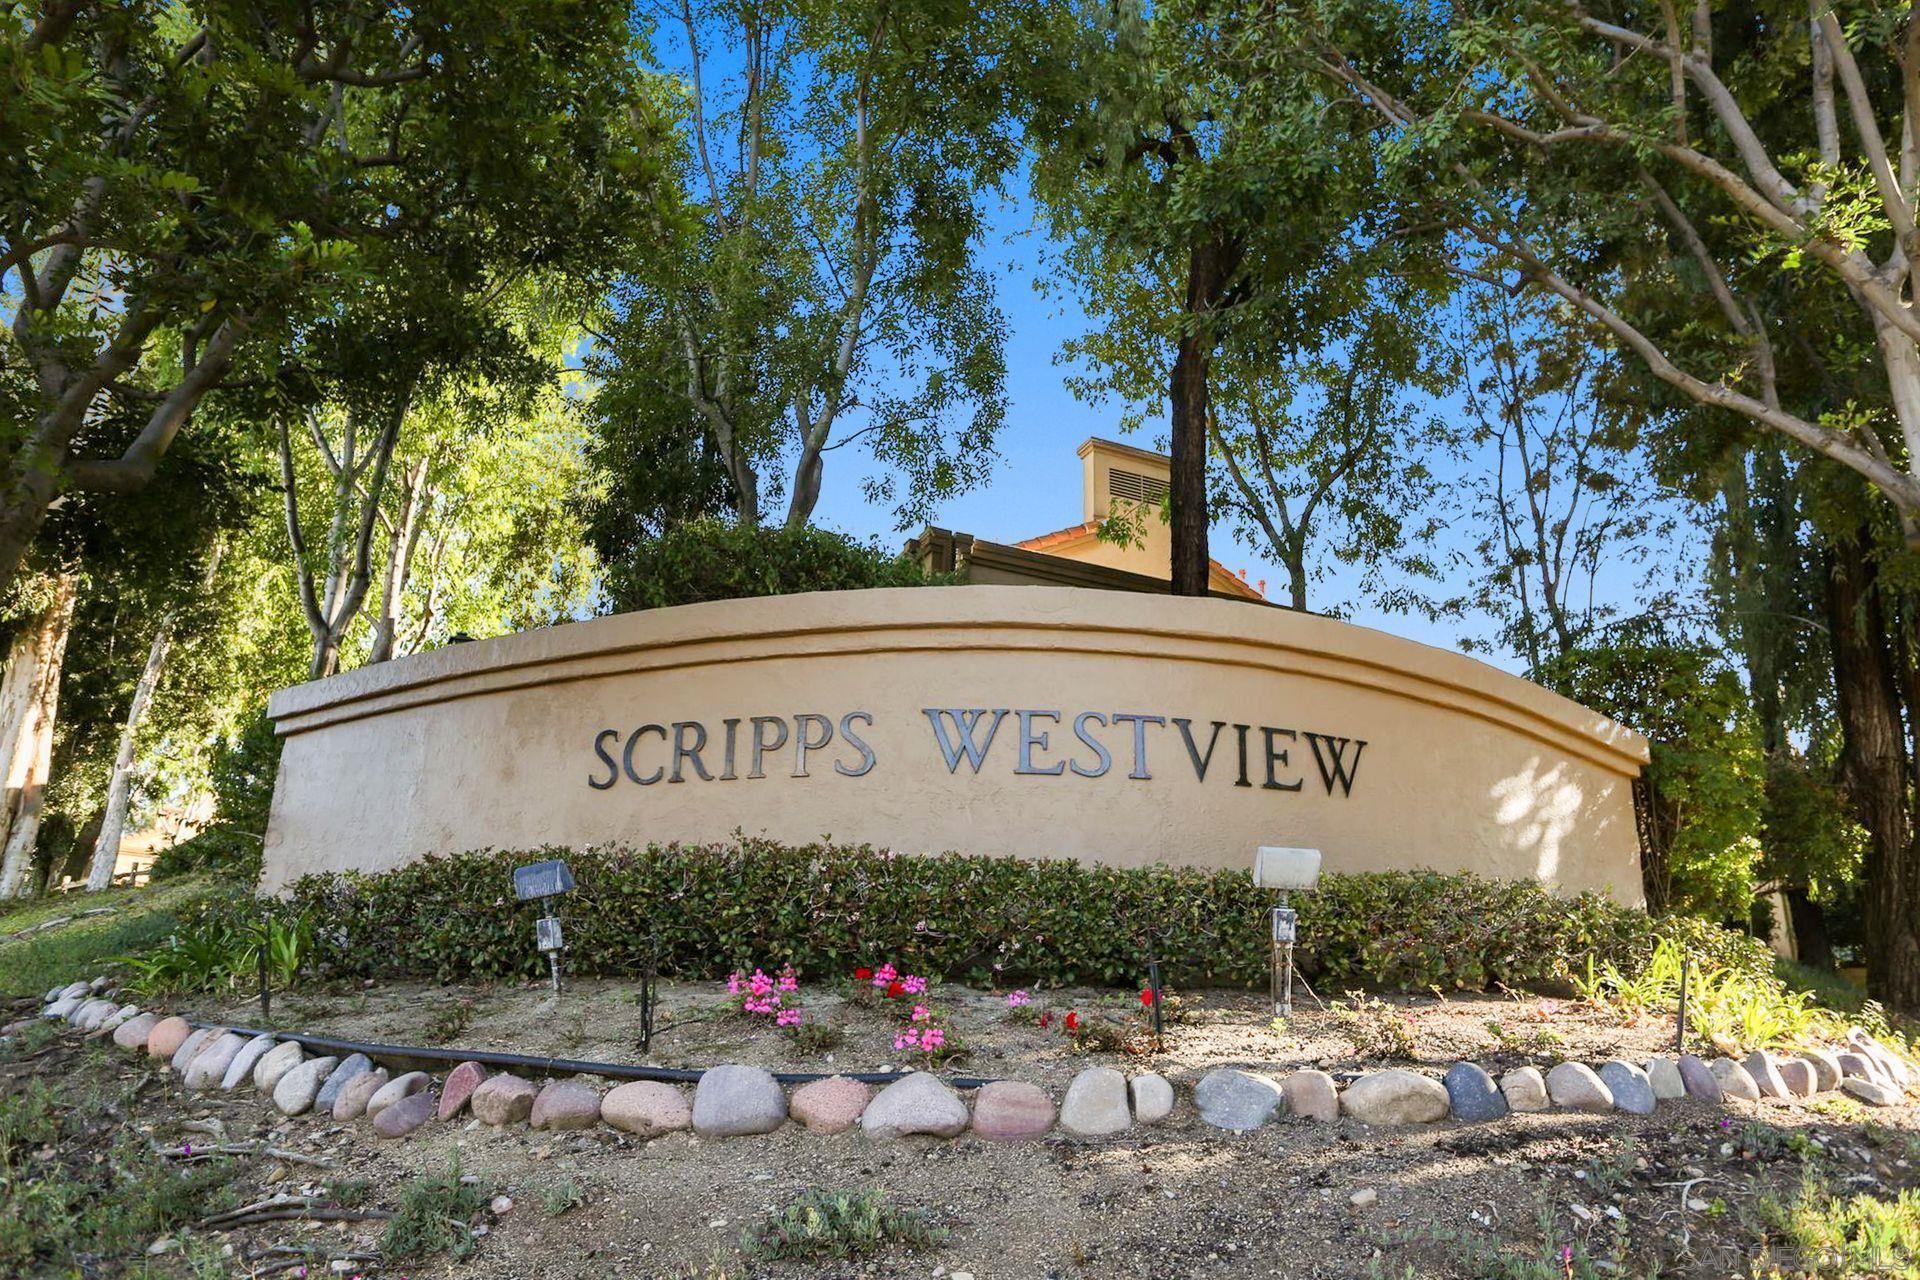 9916 Scripps Westview Way 166, San Diego, CA 92131